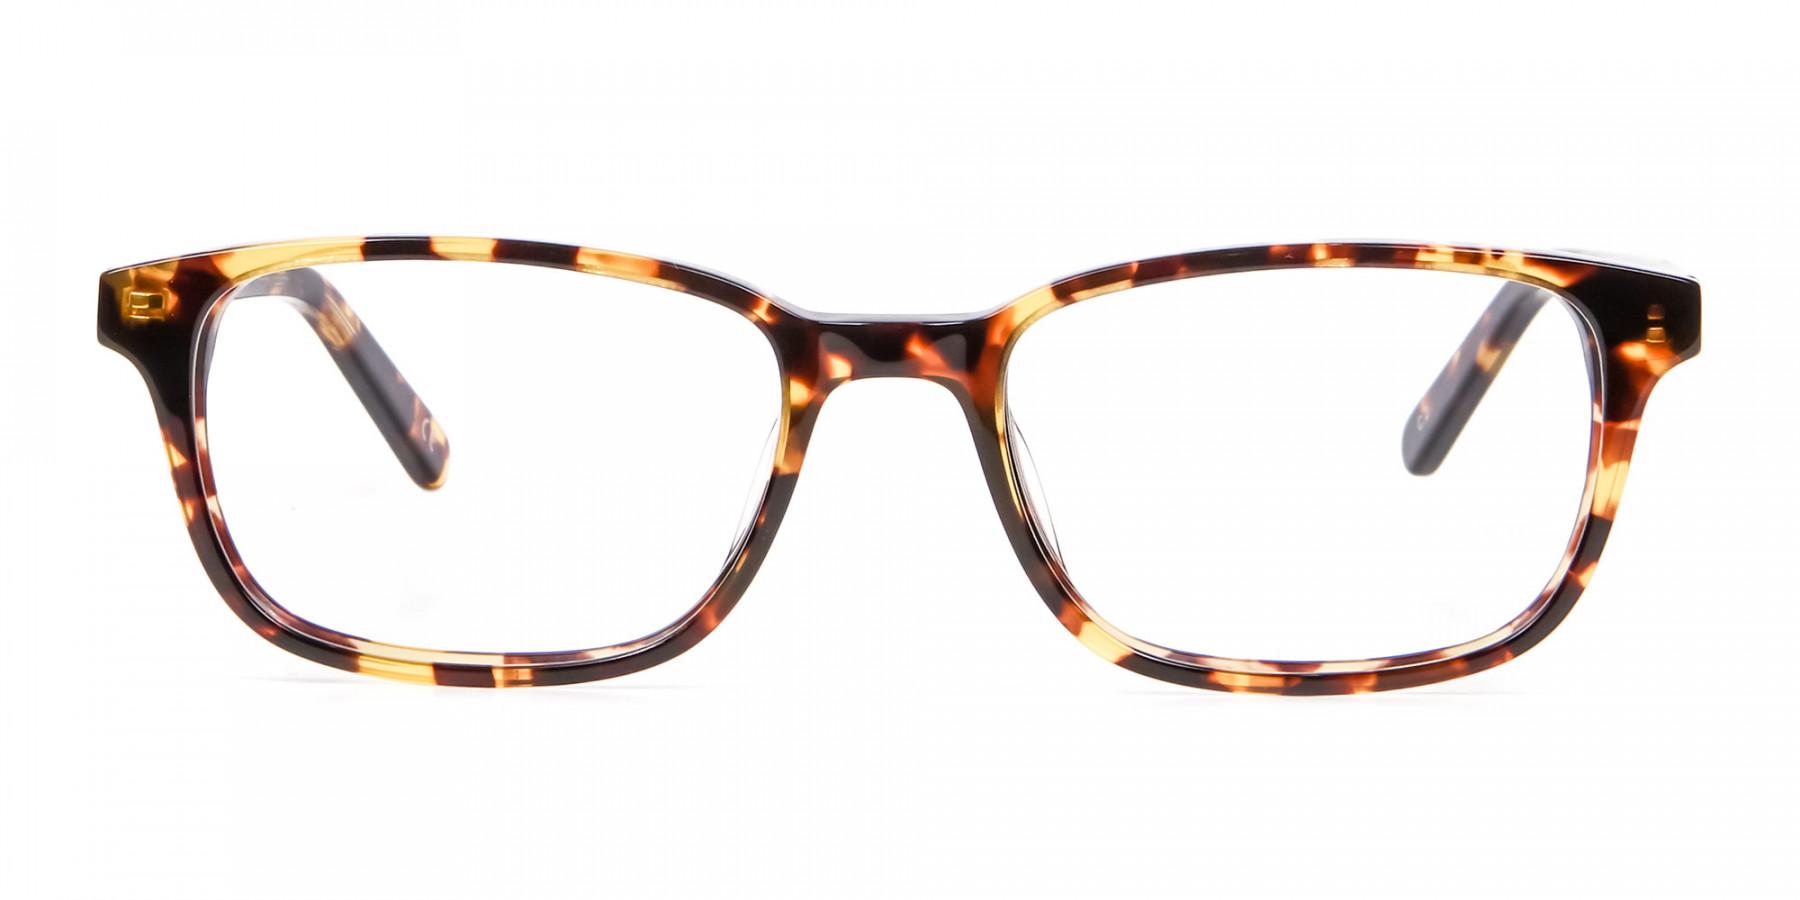 Havana & Tortoiseshell Wayfarer Glasses